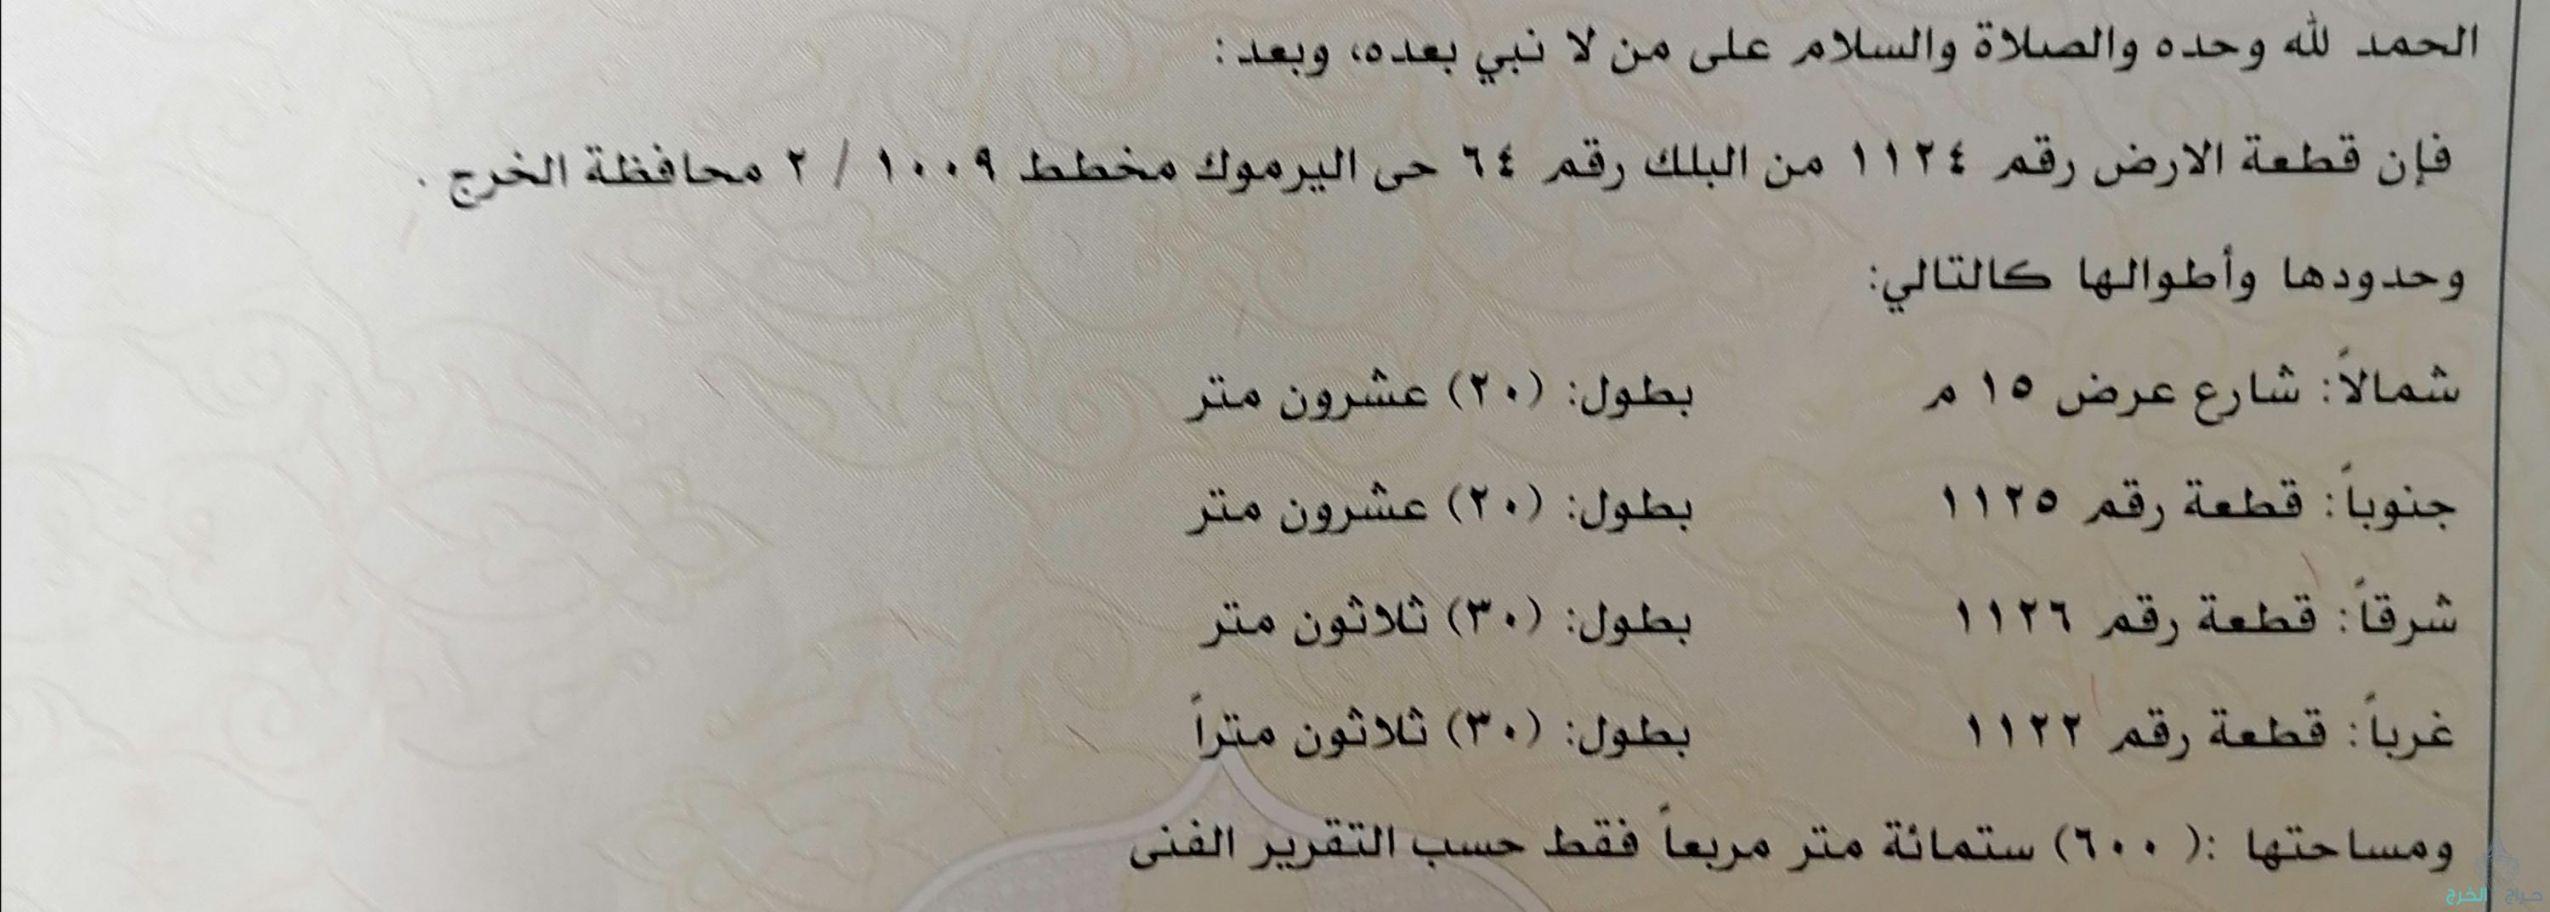 ارضين للبيع في اليرموك 1008